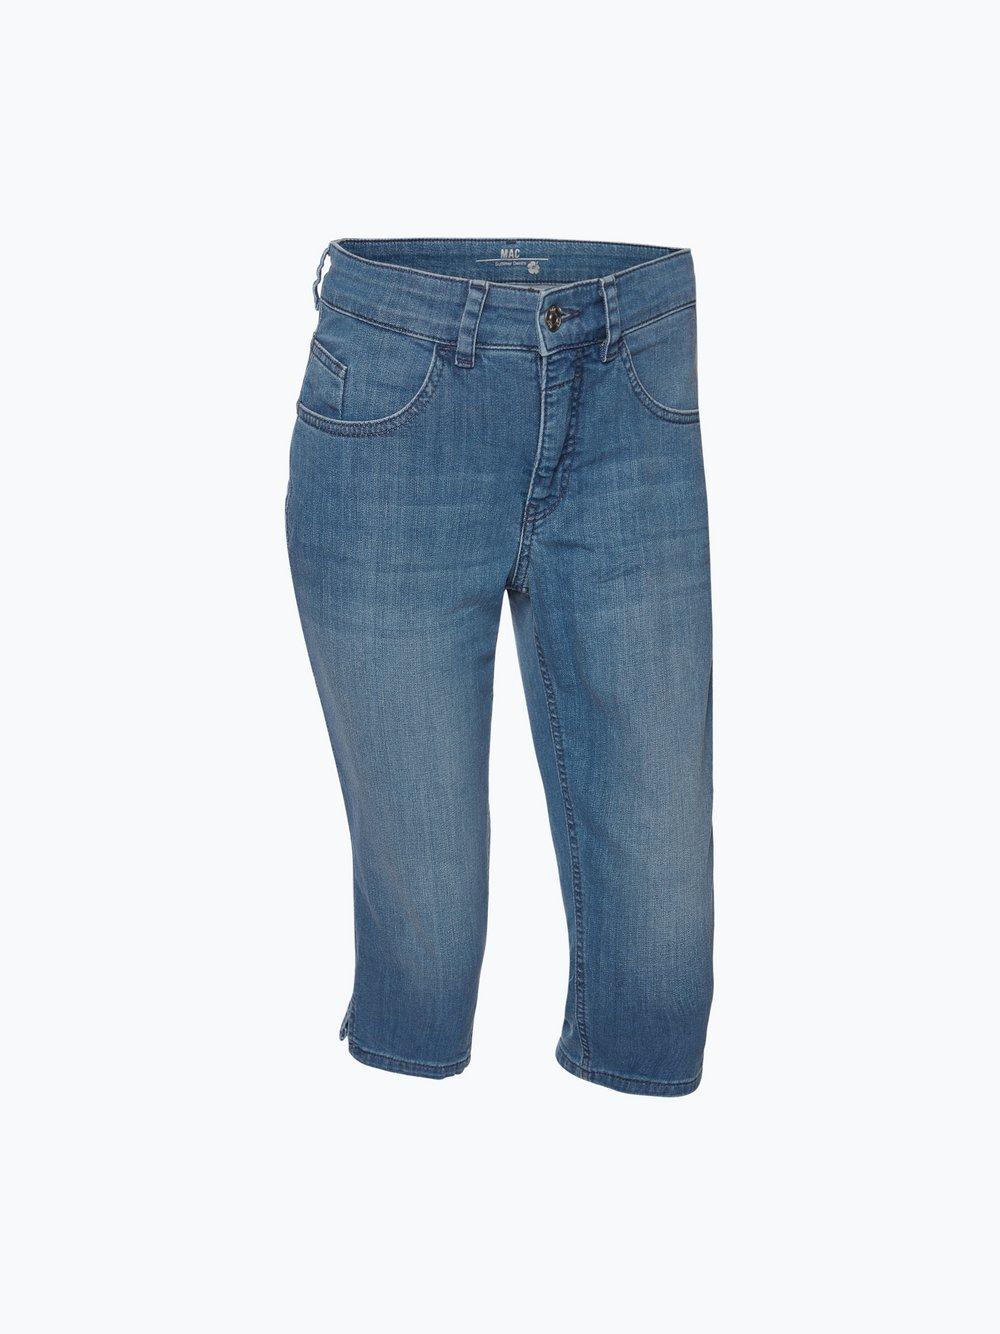 Damen Jeans - Capri schwarz MAC 0VNFg8I